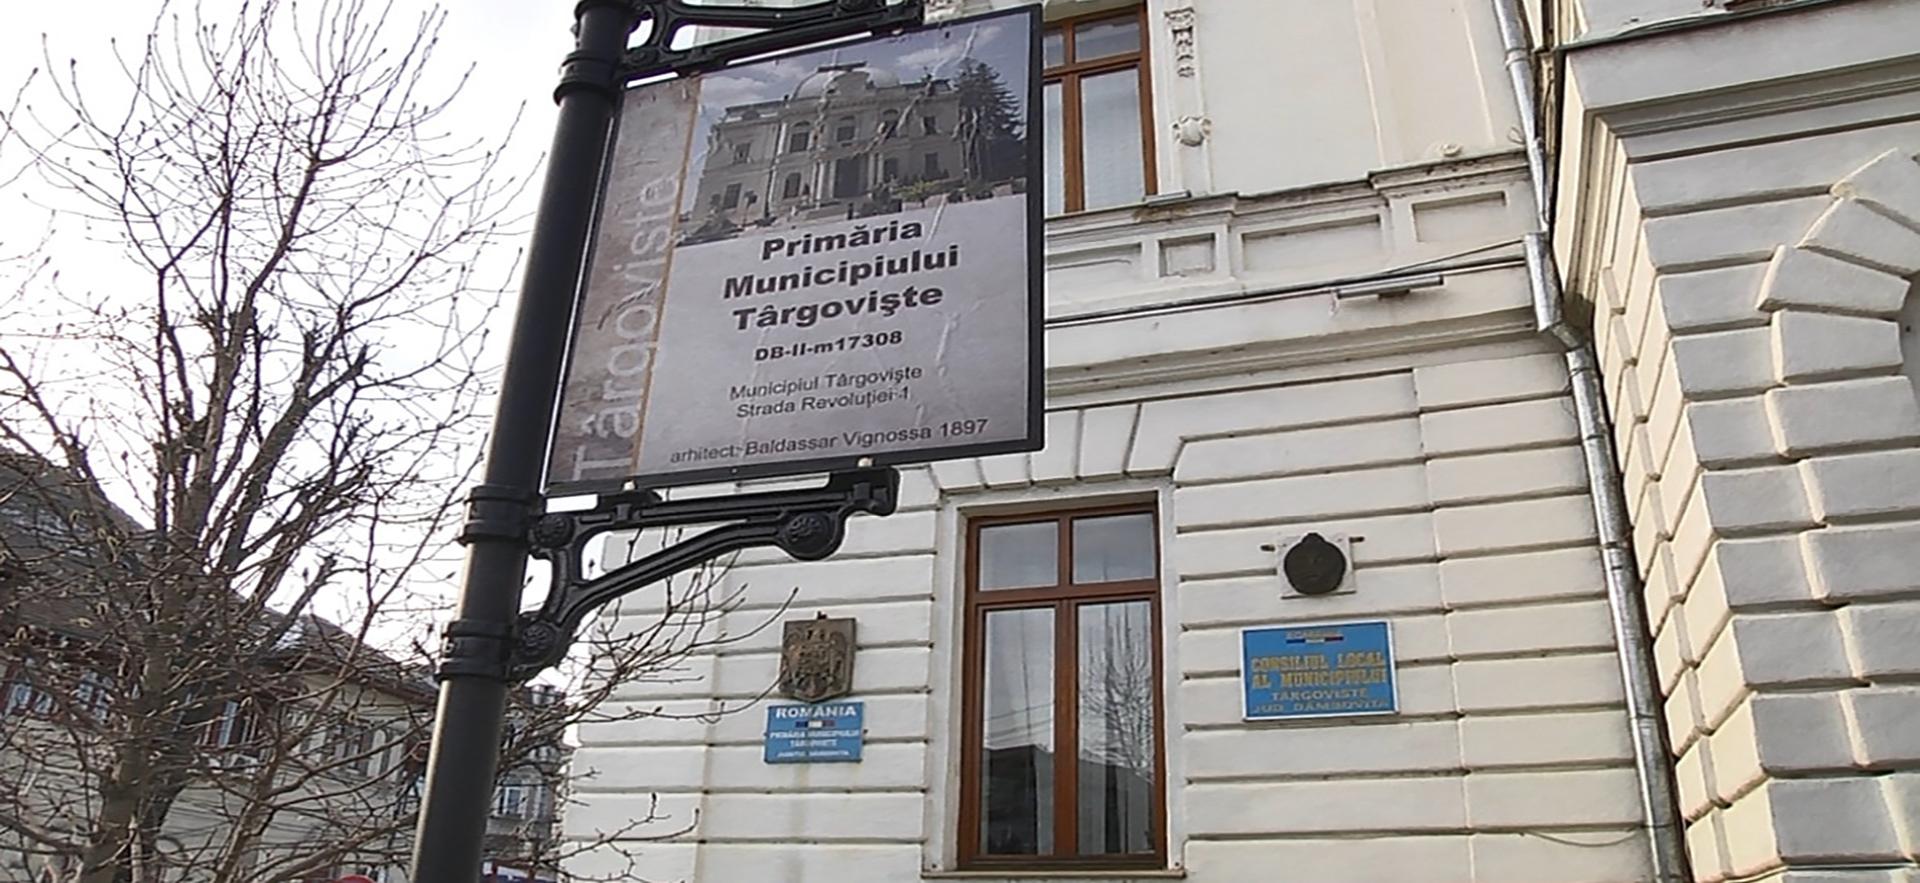 DISPOZIŢIE privind convocarea Consiliului Local al Municipiului Târgovişte în şedinţă ordinară în ziua de 31.03.2021